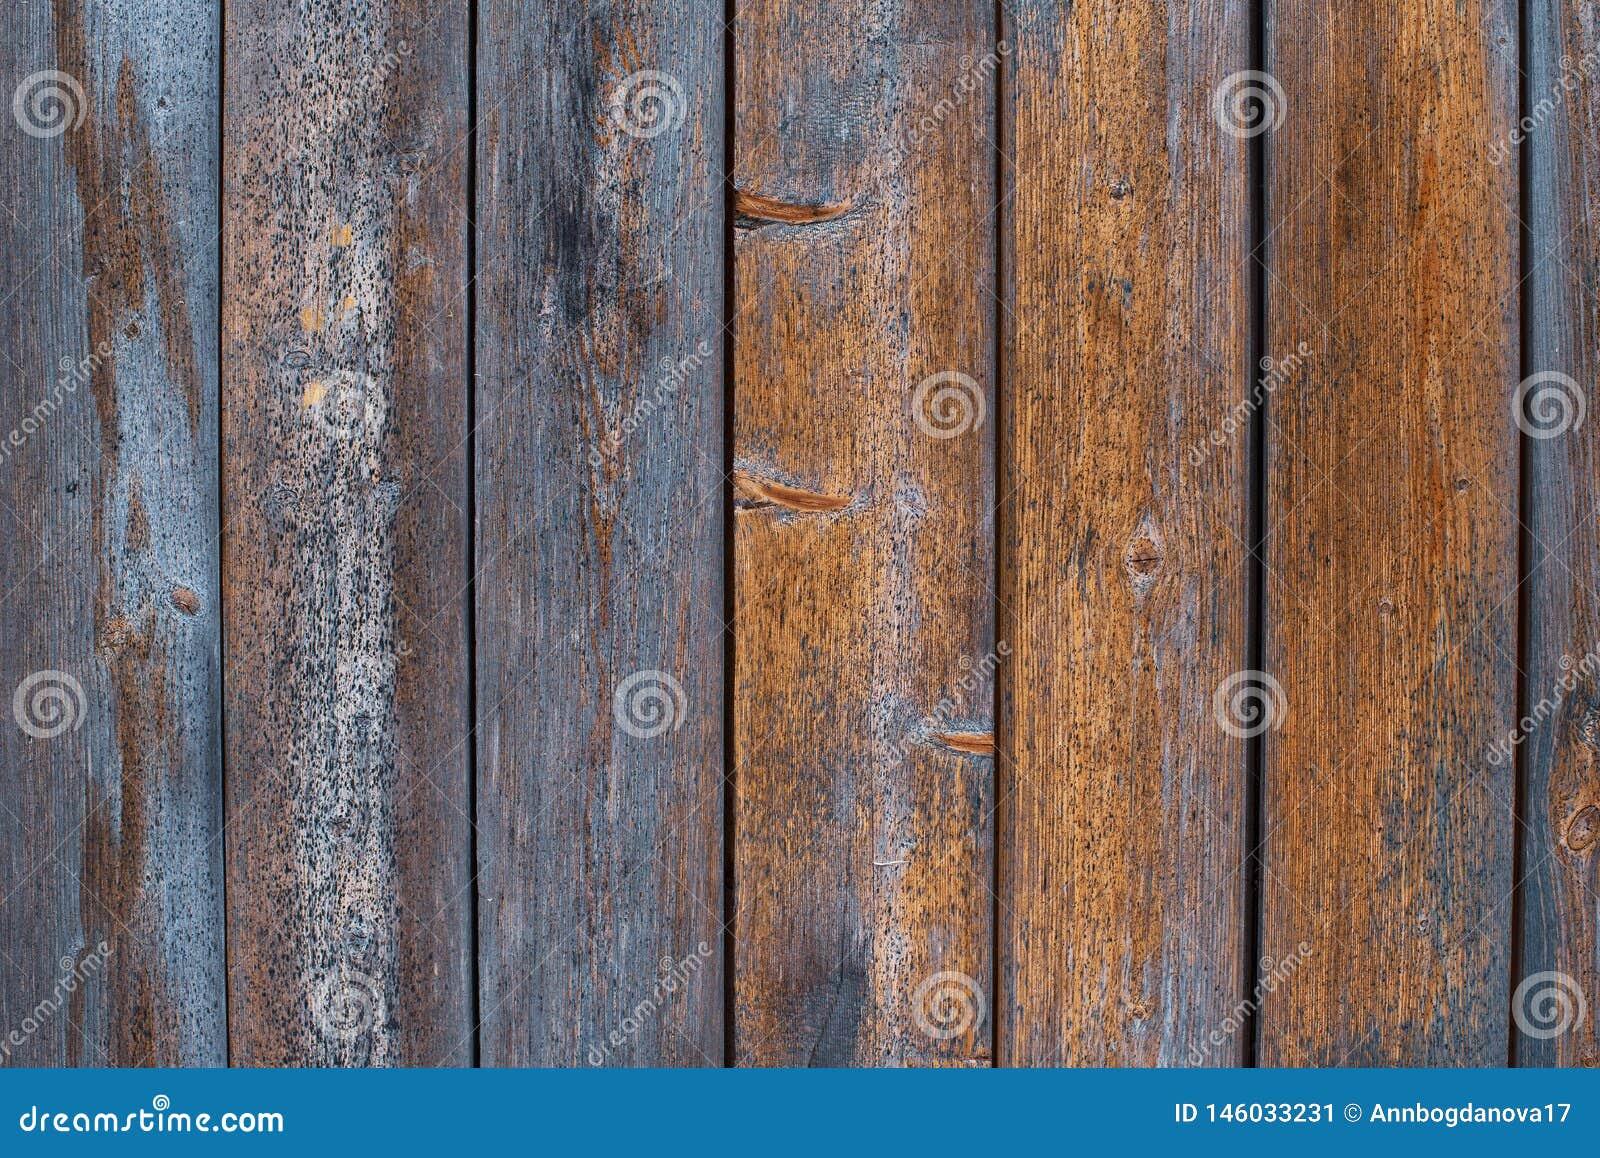 Stare drewniane deski z podławą starą błękitną farbą